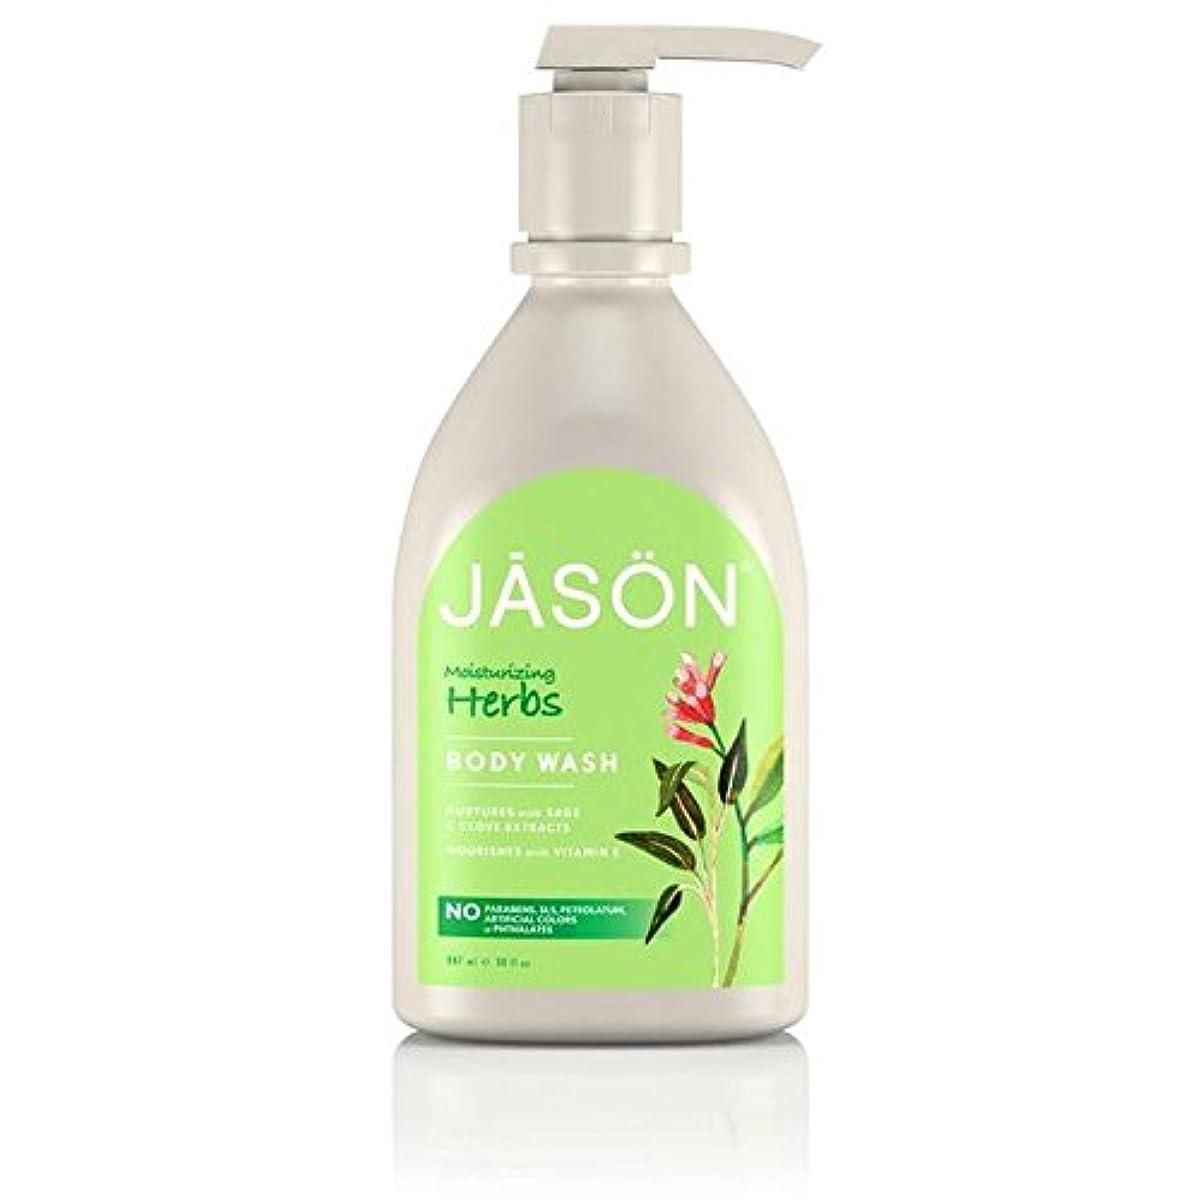 比類なき条件付き足枷Jason Herbal Satin Body Wash Pump 900ml - ジェイソン・ハーブサテンボディウォッシュポンプ900ミリリットル [並行輸入品]